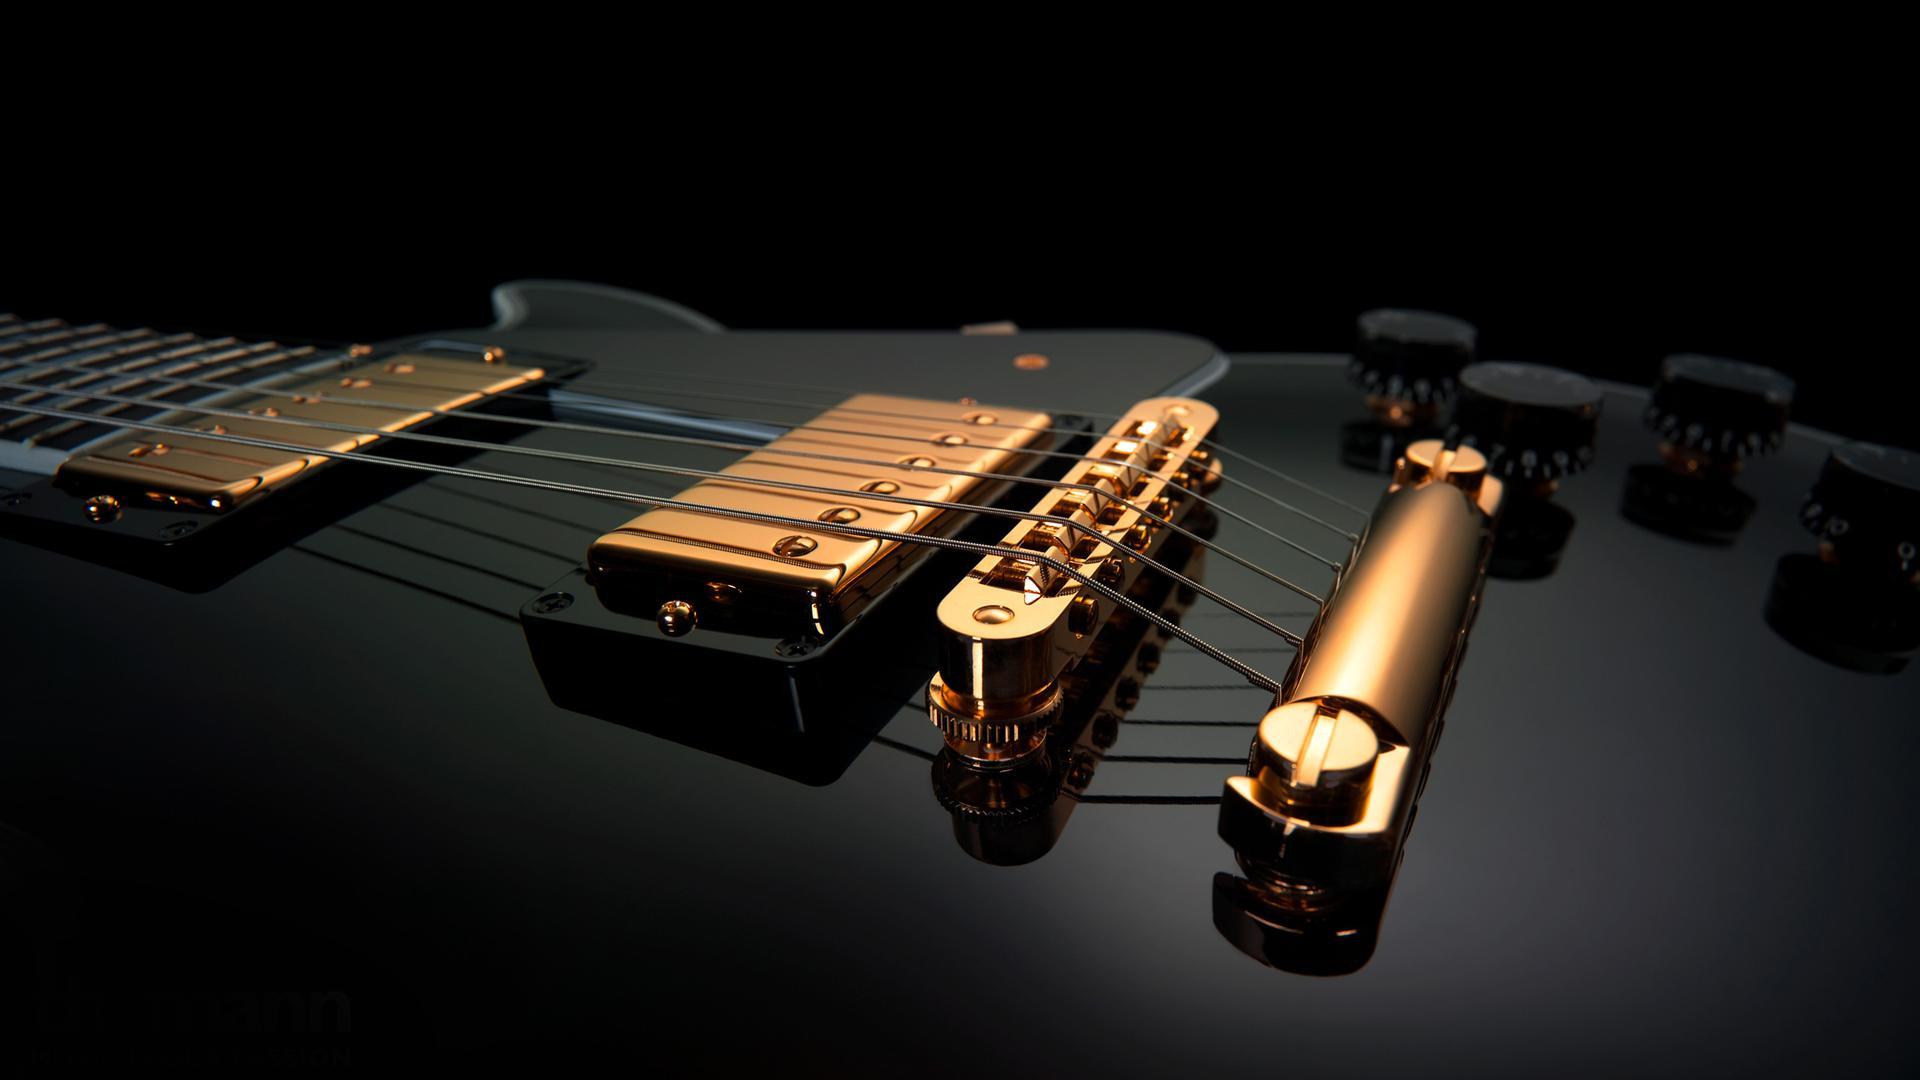 bass guitar wallpaper 7jpg 1920x1080